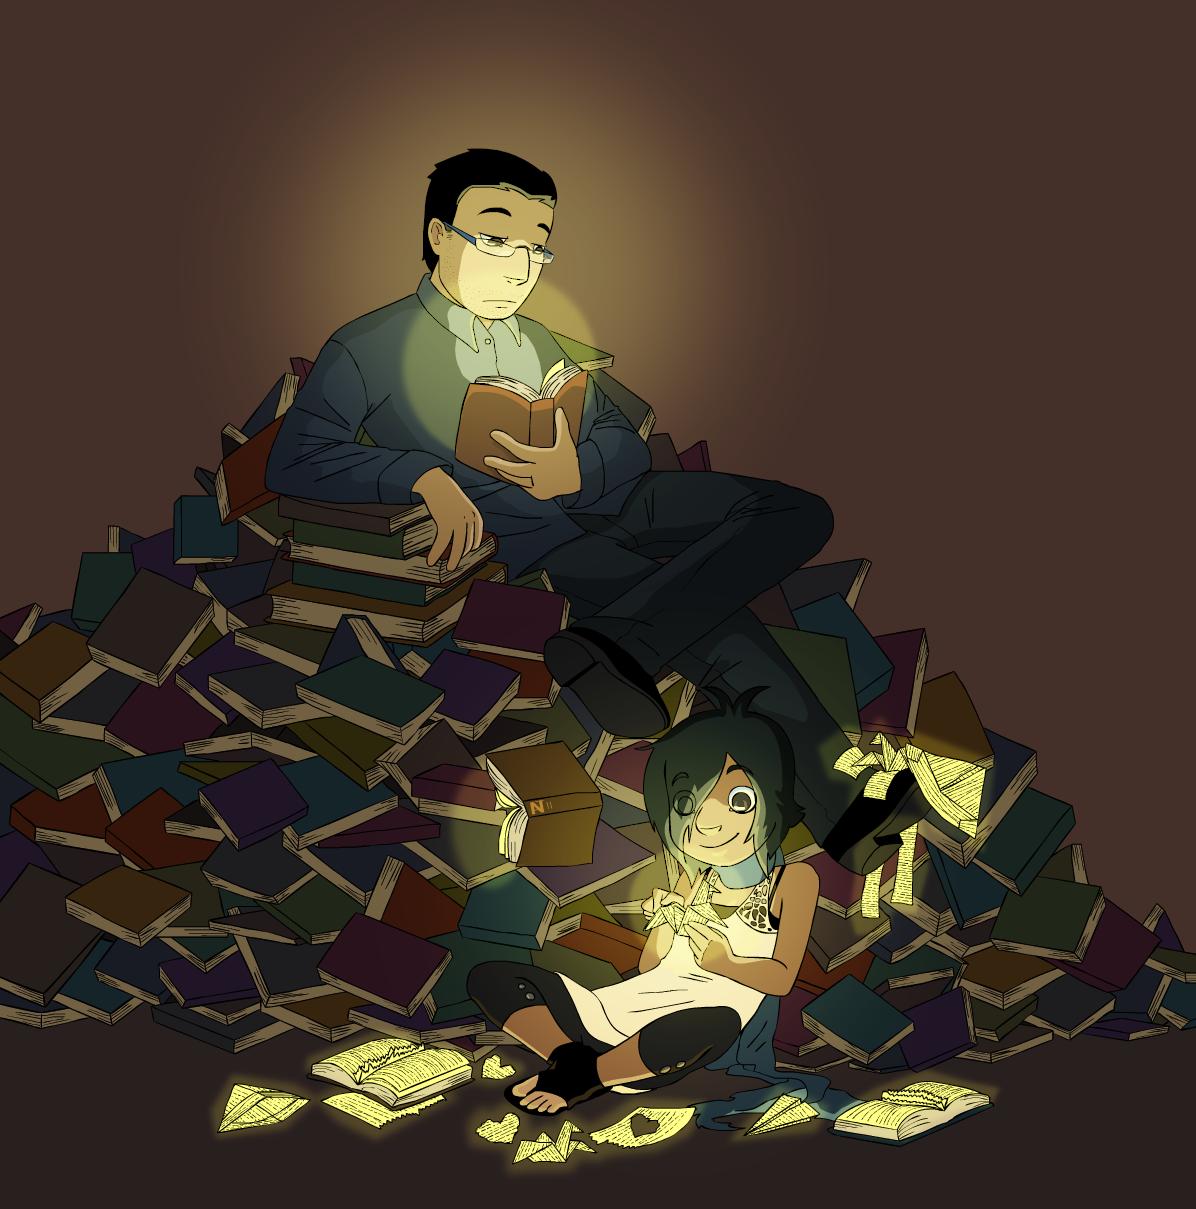 Rey de los libros